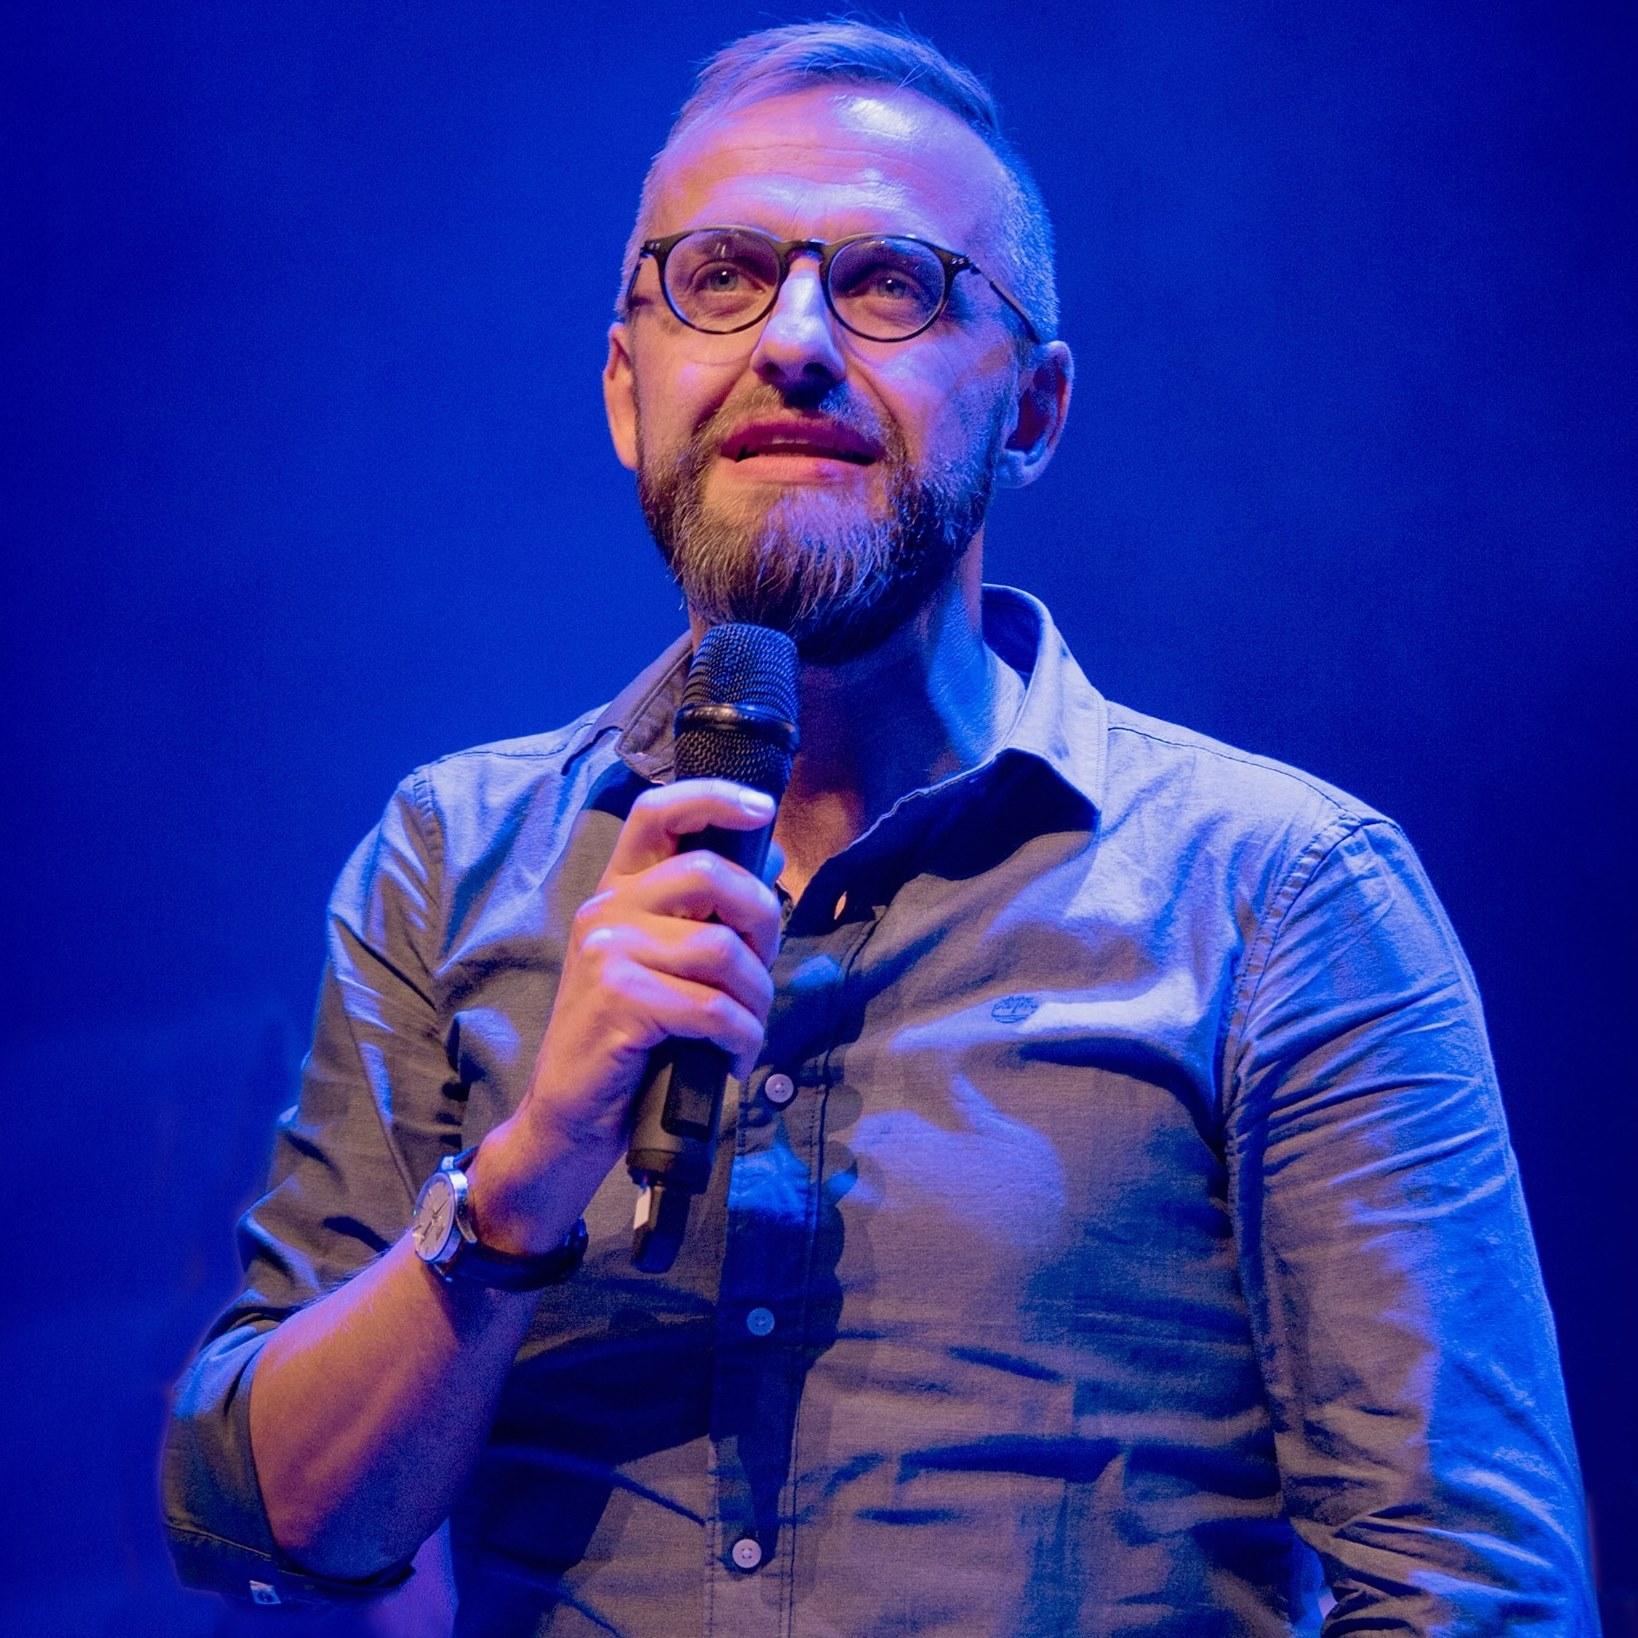 Pingstledaren Daniel Alm: Karismatik och diakoni är vägen framåt!